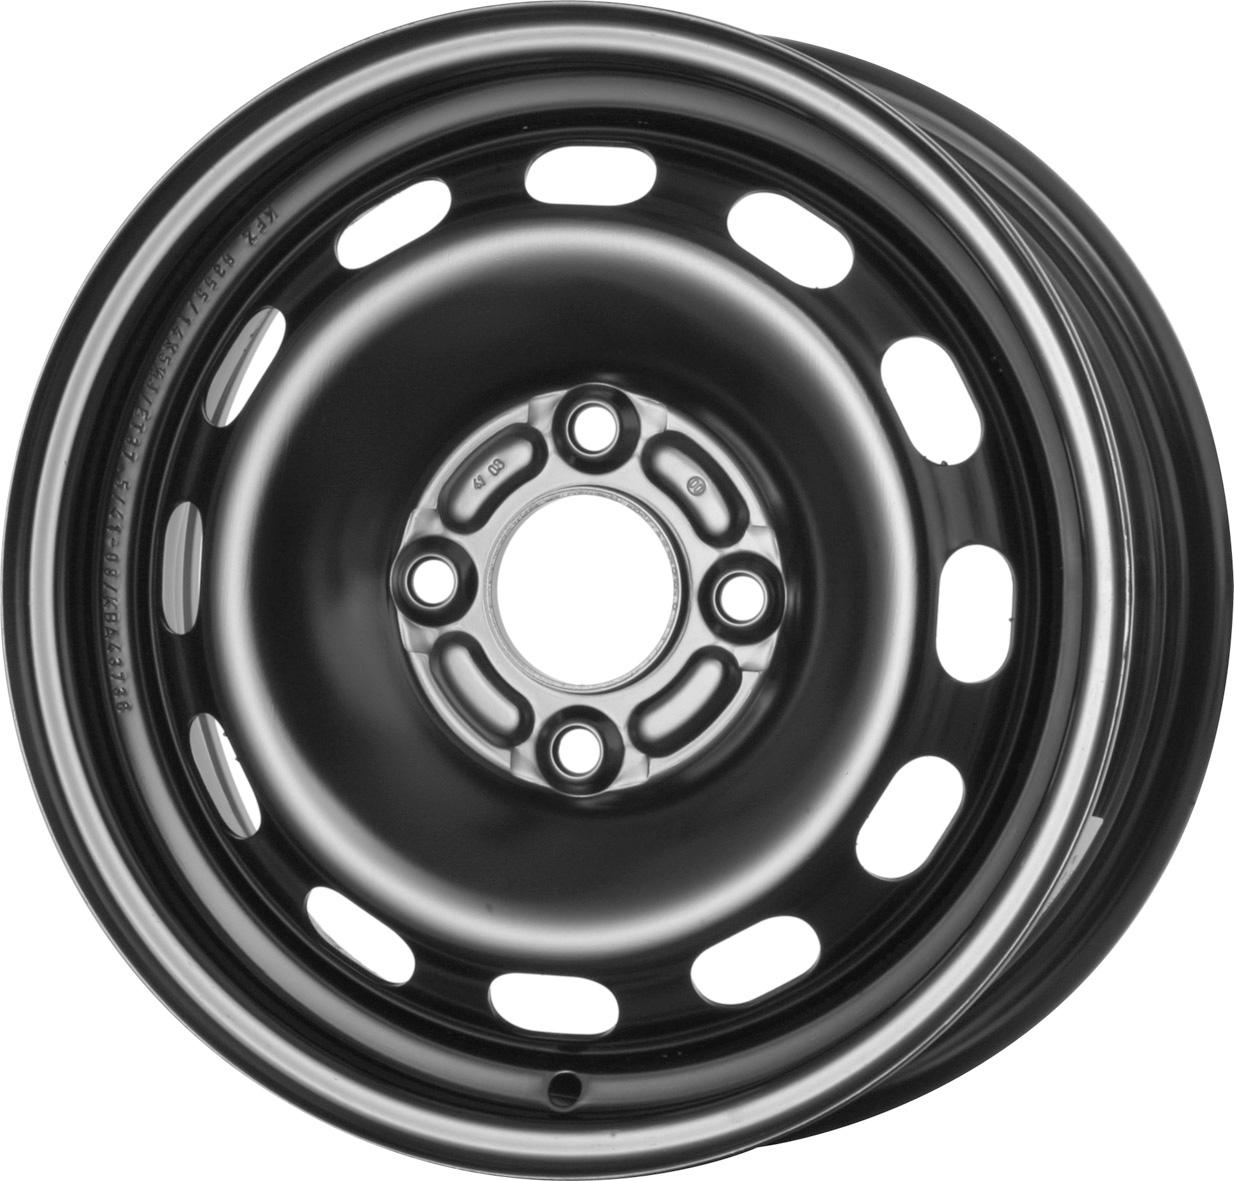 Vorschau: 14″ Stahlrad Sommer für Ford Fiesta 1.4 TDCi (JR8) Kumho KH27 175/65 R14 82T